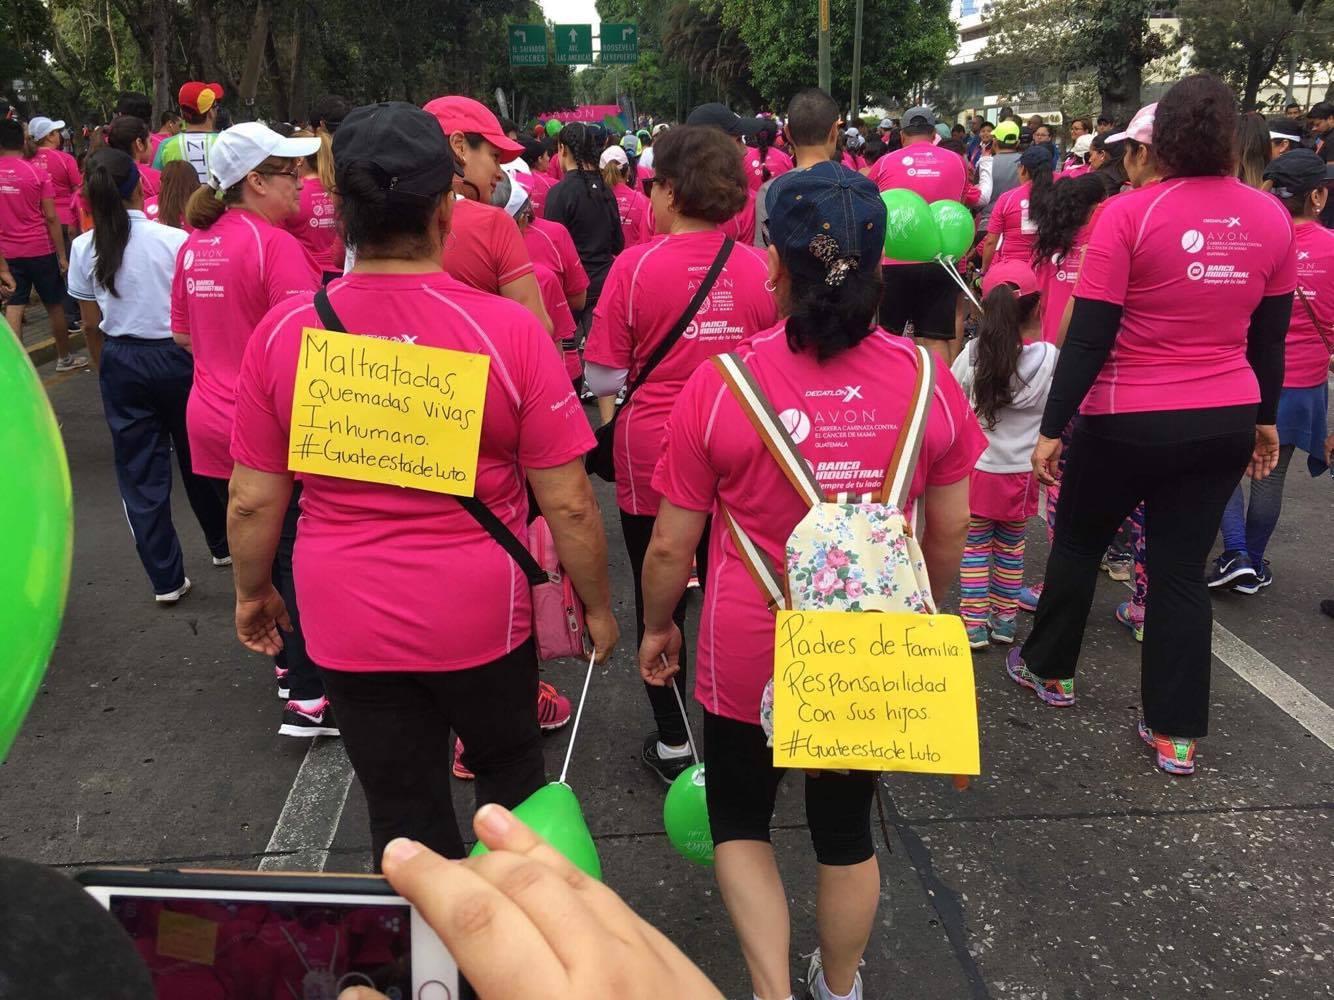 Recuerdan a víctimas del Hogar Seguro Virgen de la Asunción